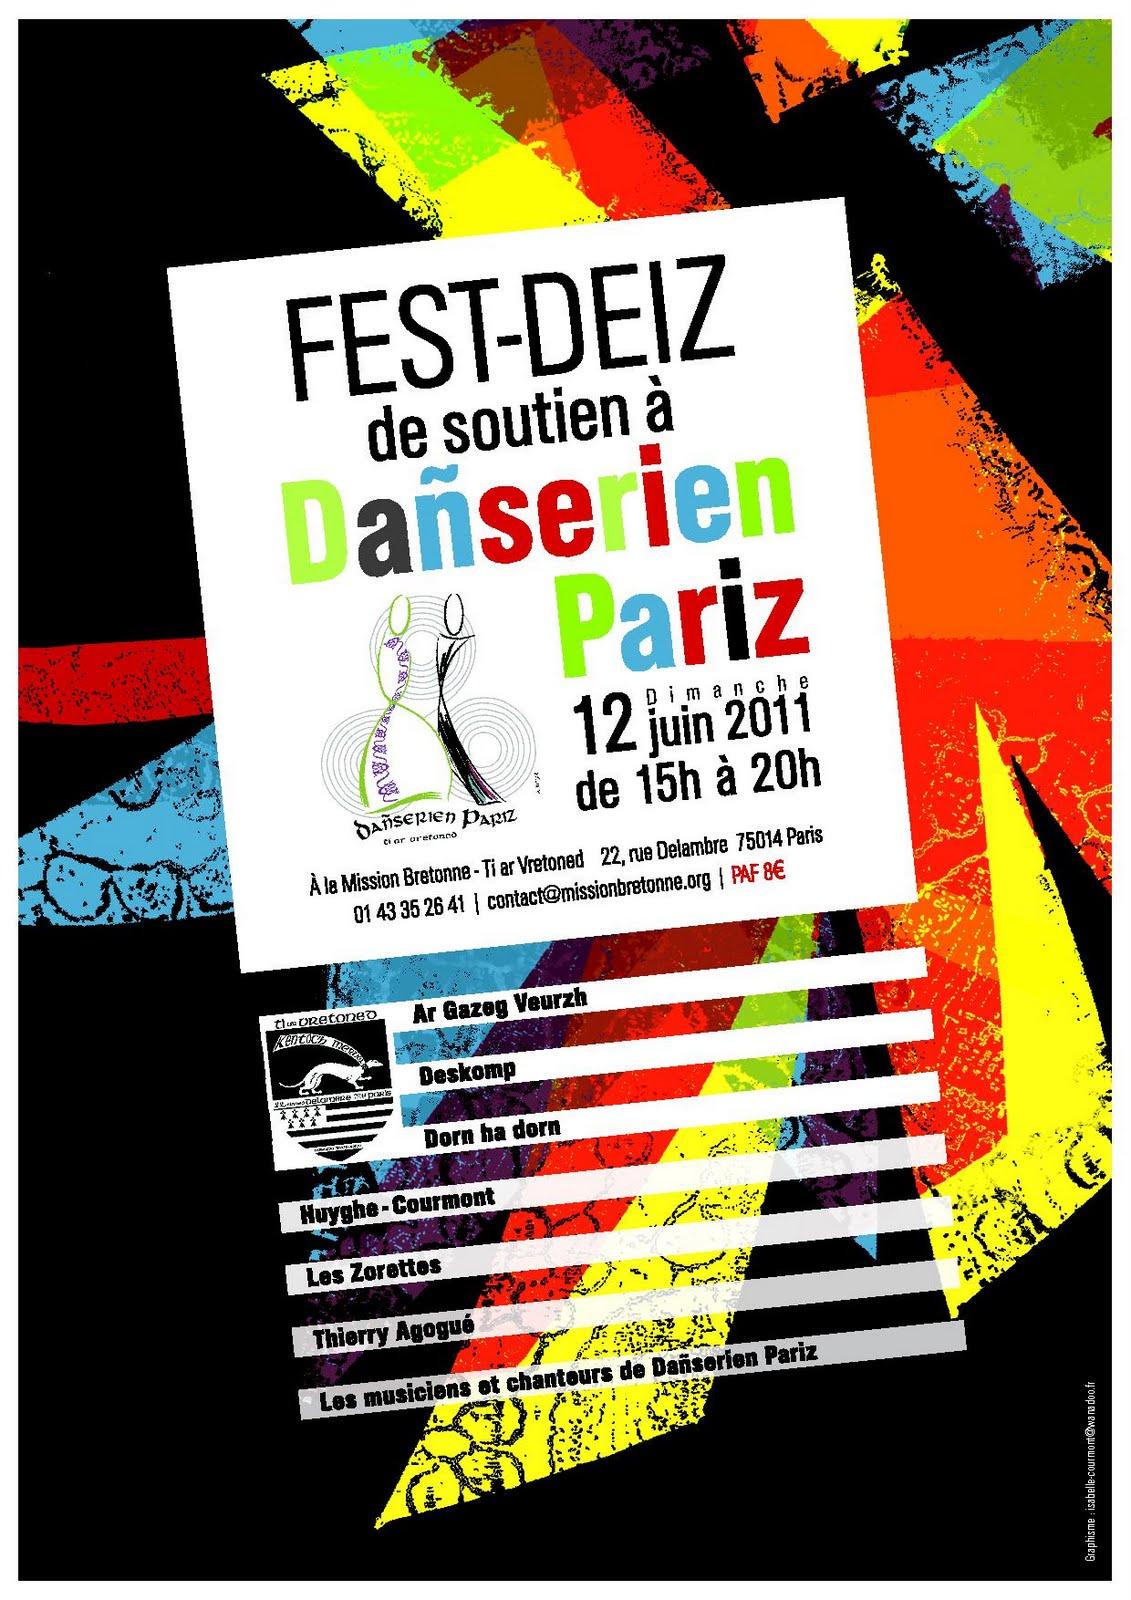 Fest-deiz de soutien à Dañserien Pariz le 12 juin 2011 à la Mission bretonne à Paris (75014)